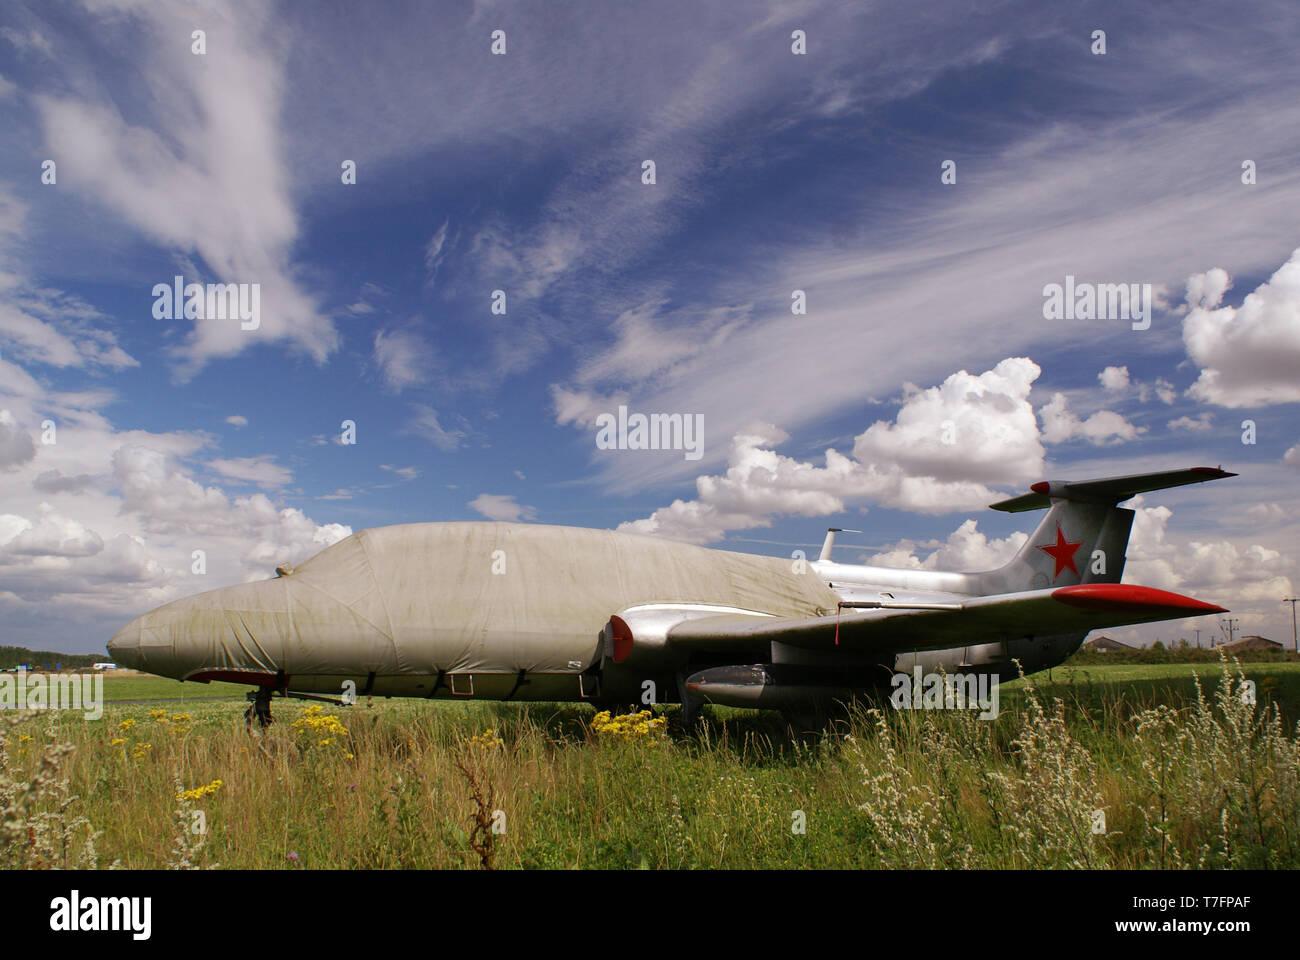 Guerra fría jet, aeródromo, Aero Vodochody Breighton L-29 Delfin Imagen De Stock